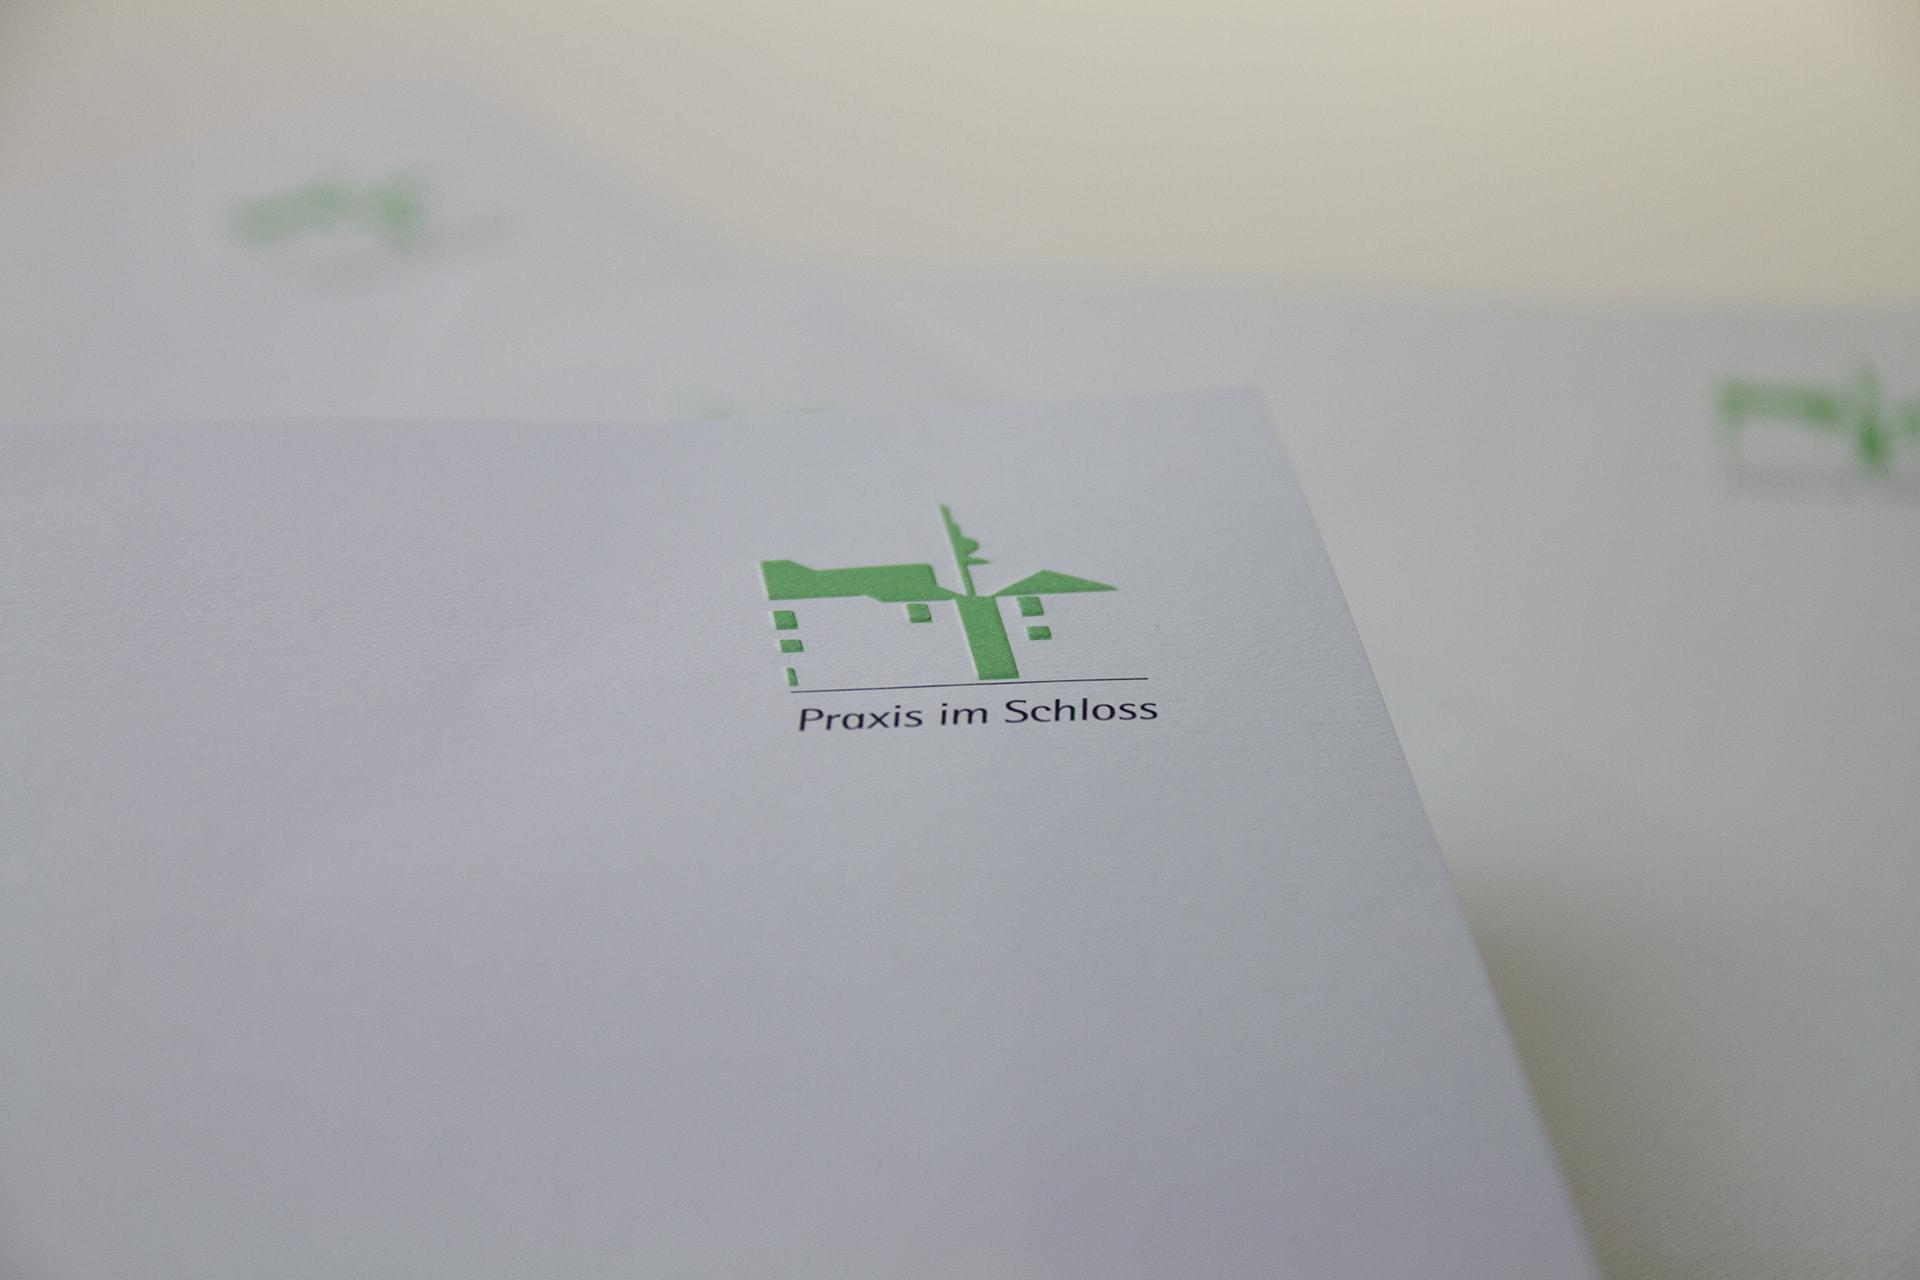 Briefpapier für die Zahnarzt-Praxis im Schloss in Schrozberg